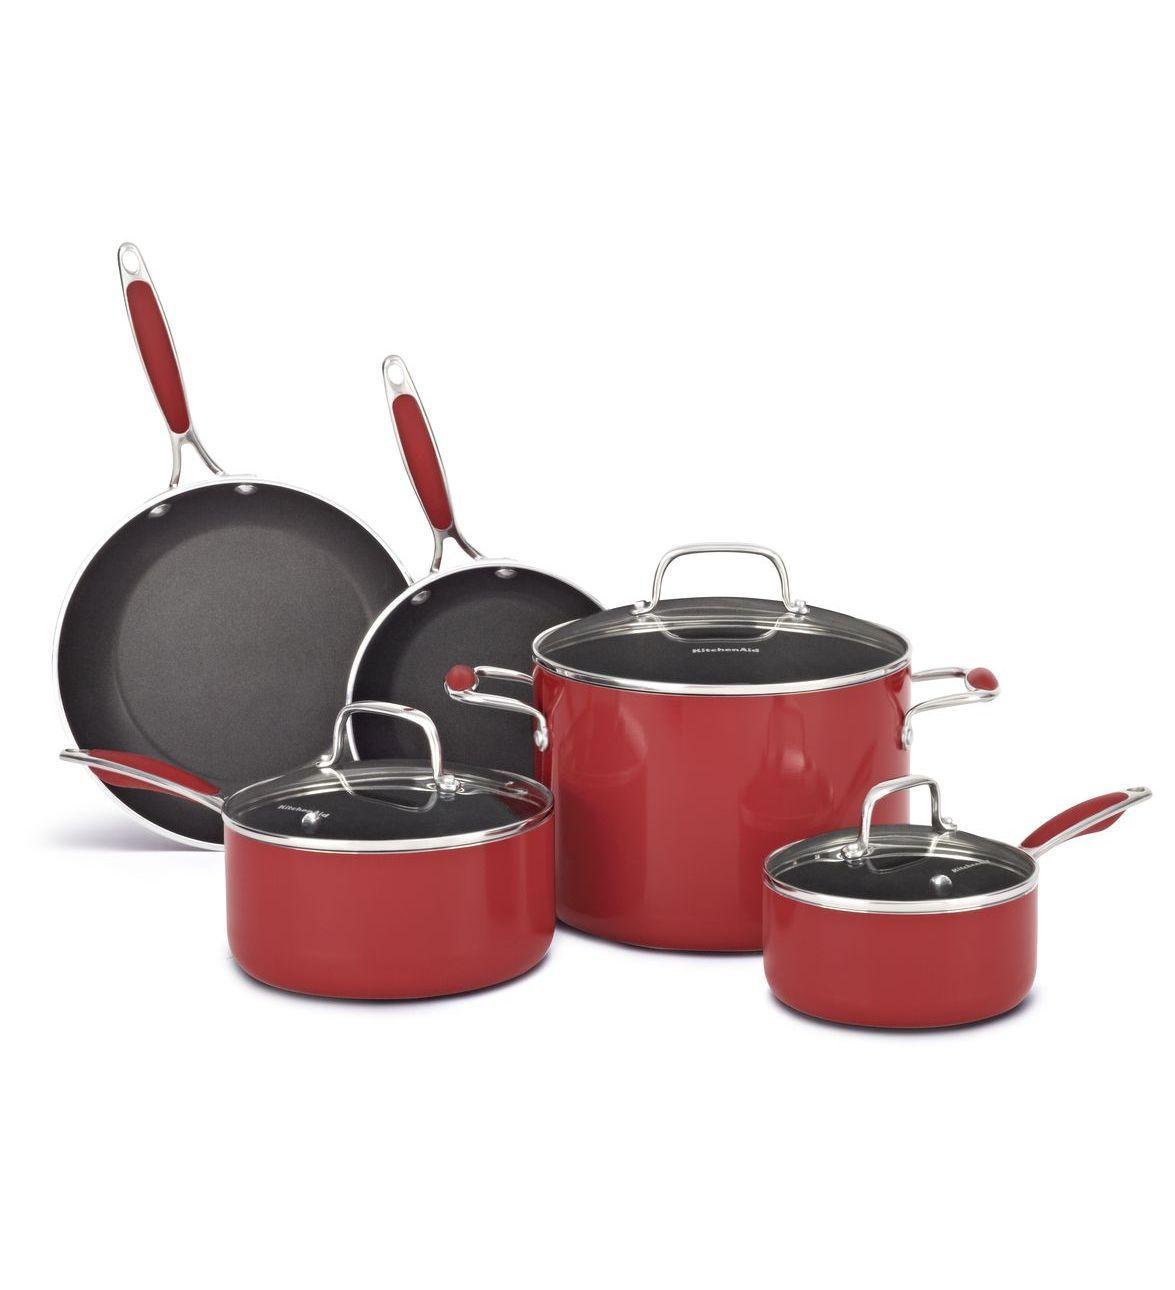 Kitchenaid aluminum nonstick 8piece set kcas08er